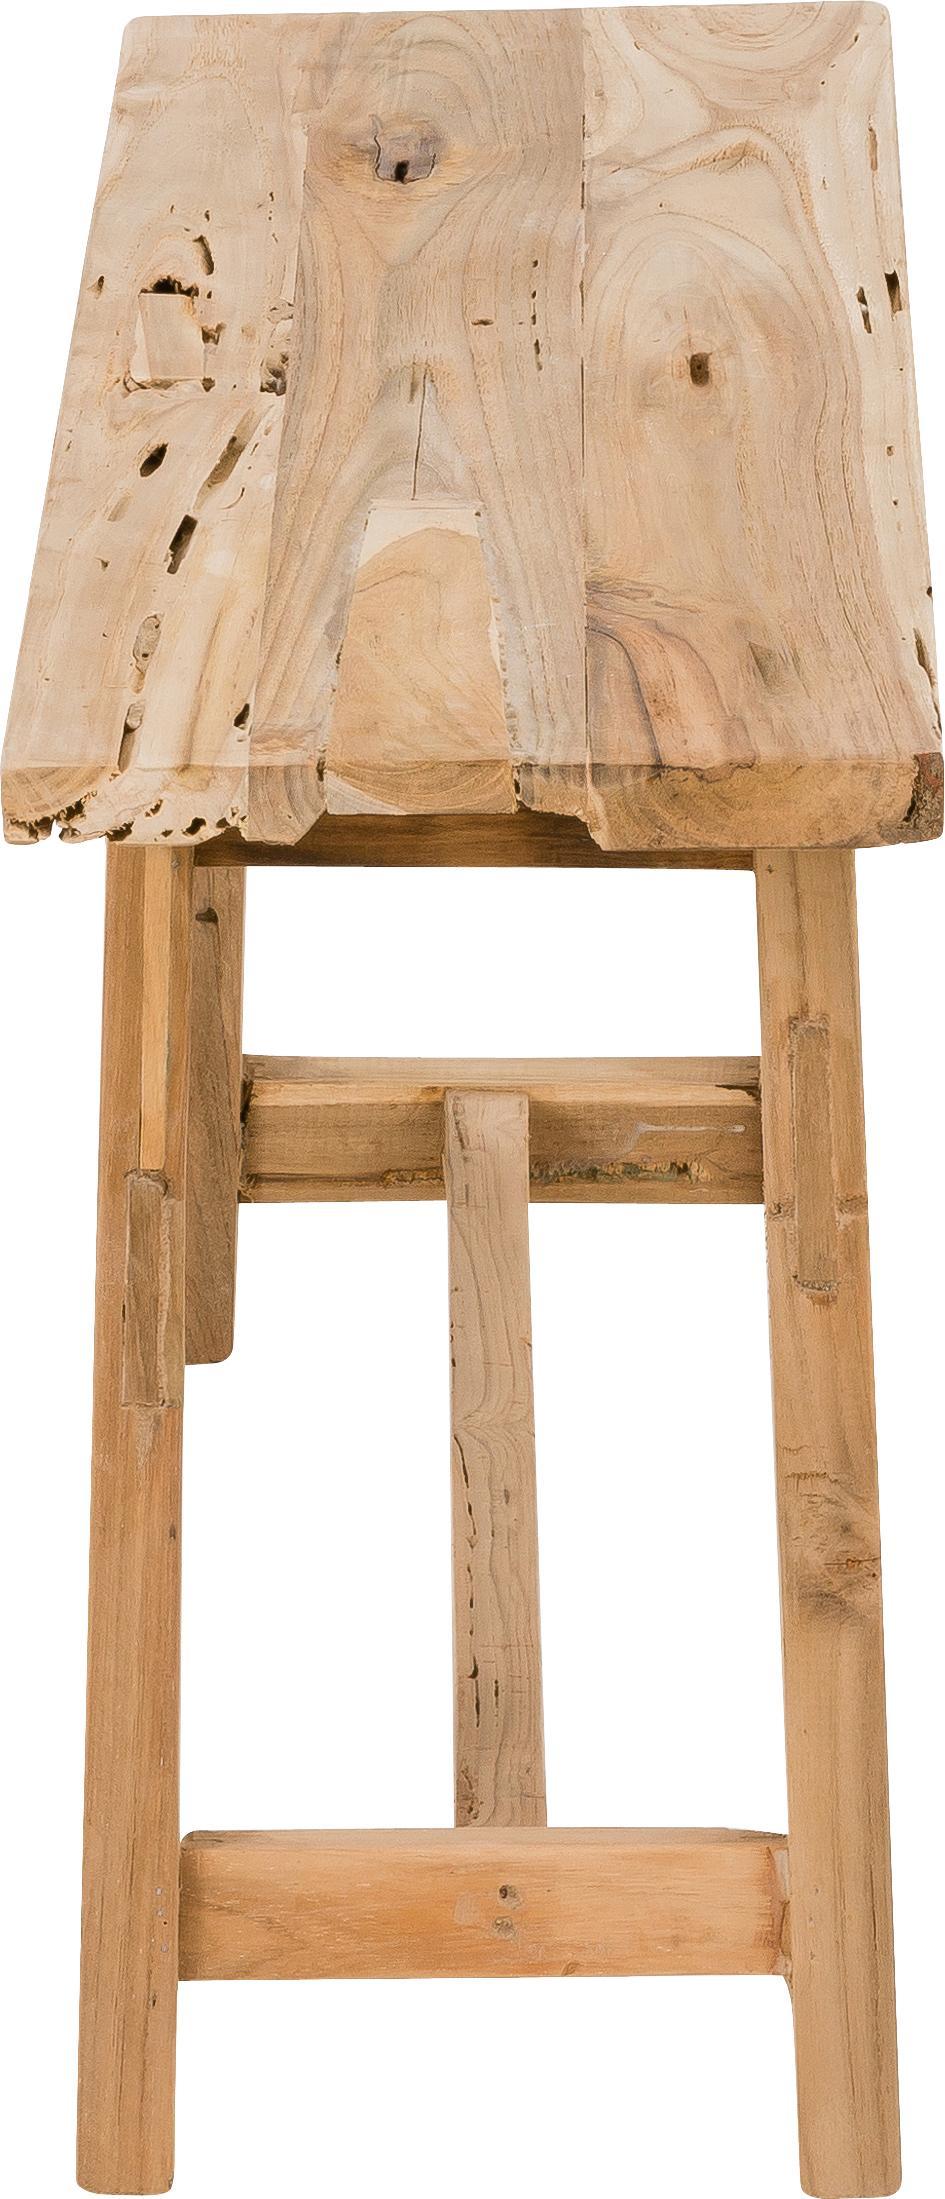 Panca in legno Lawas, Legno di teak, finitura naturale, Teak, Larg. 100 x Alt. 46 cm